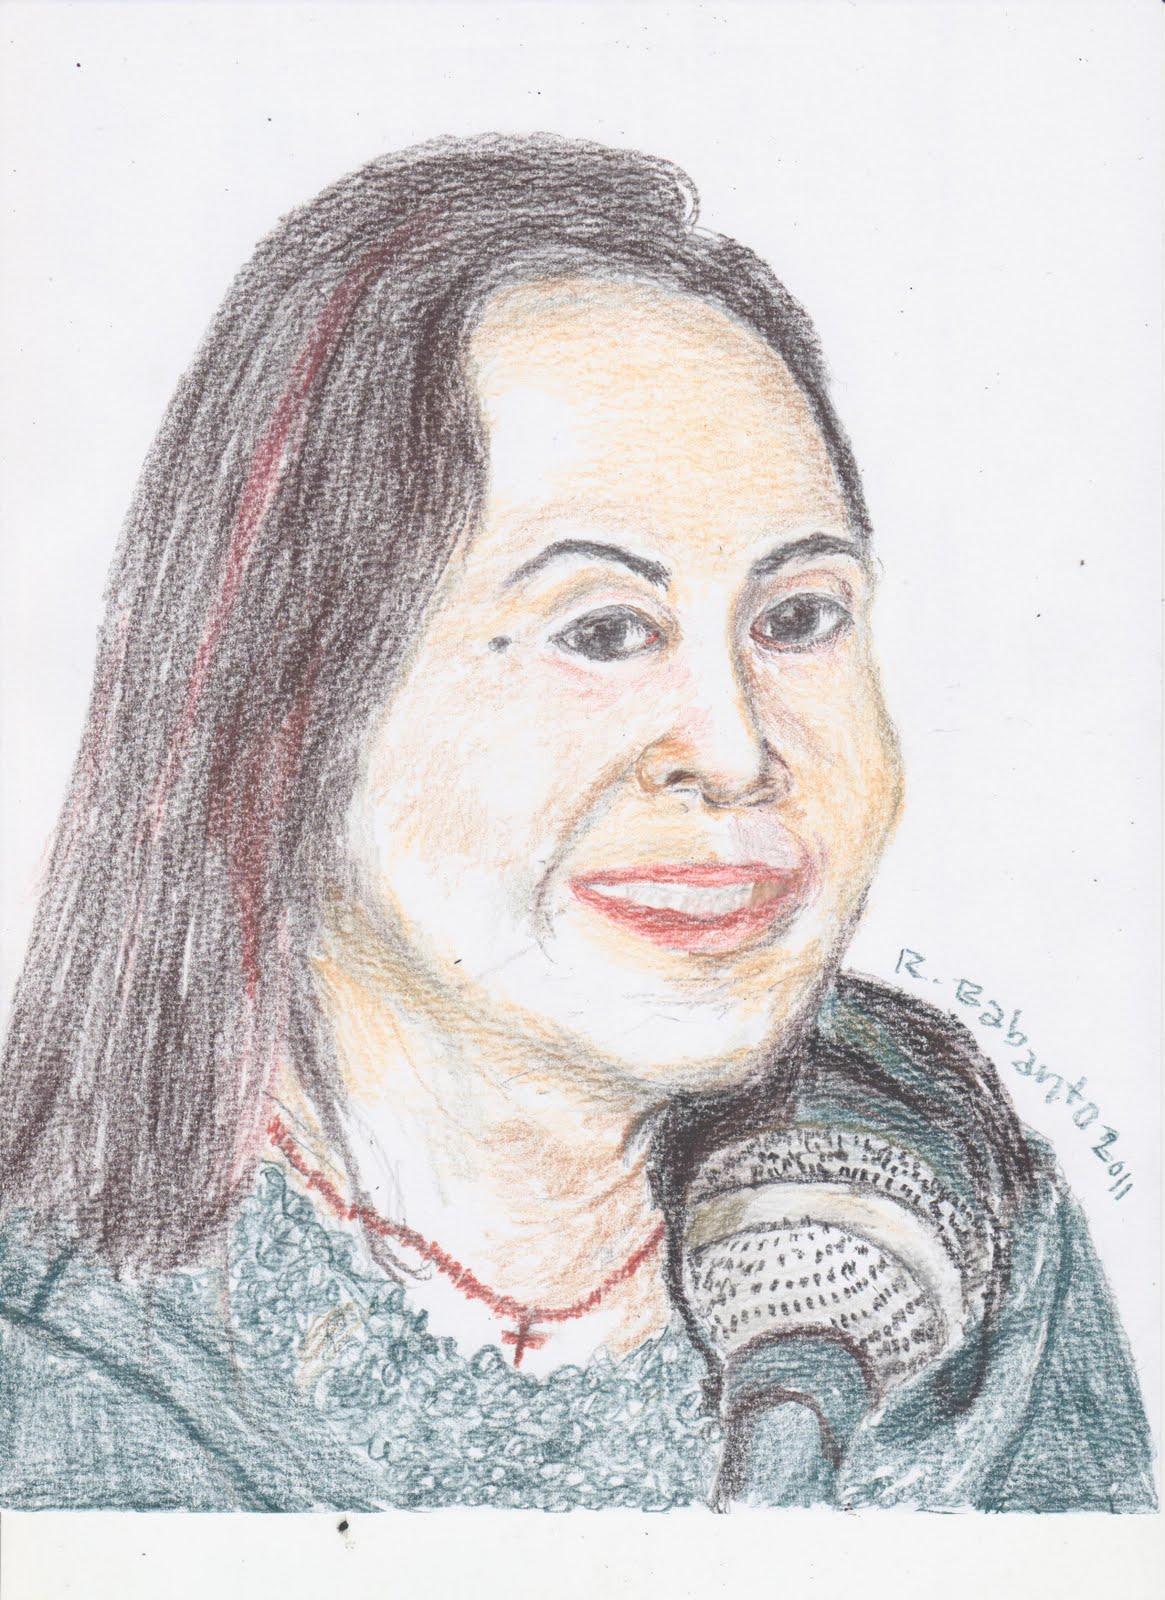 Rogelio babantos art gallery high school74 watercolor pencils